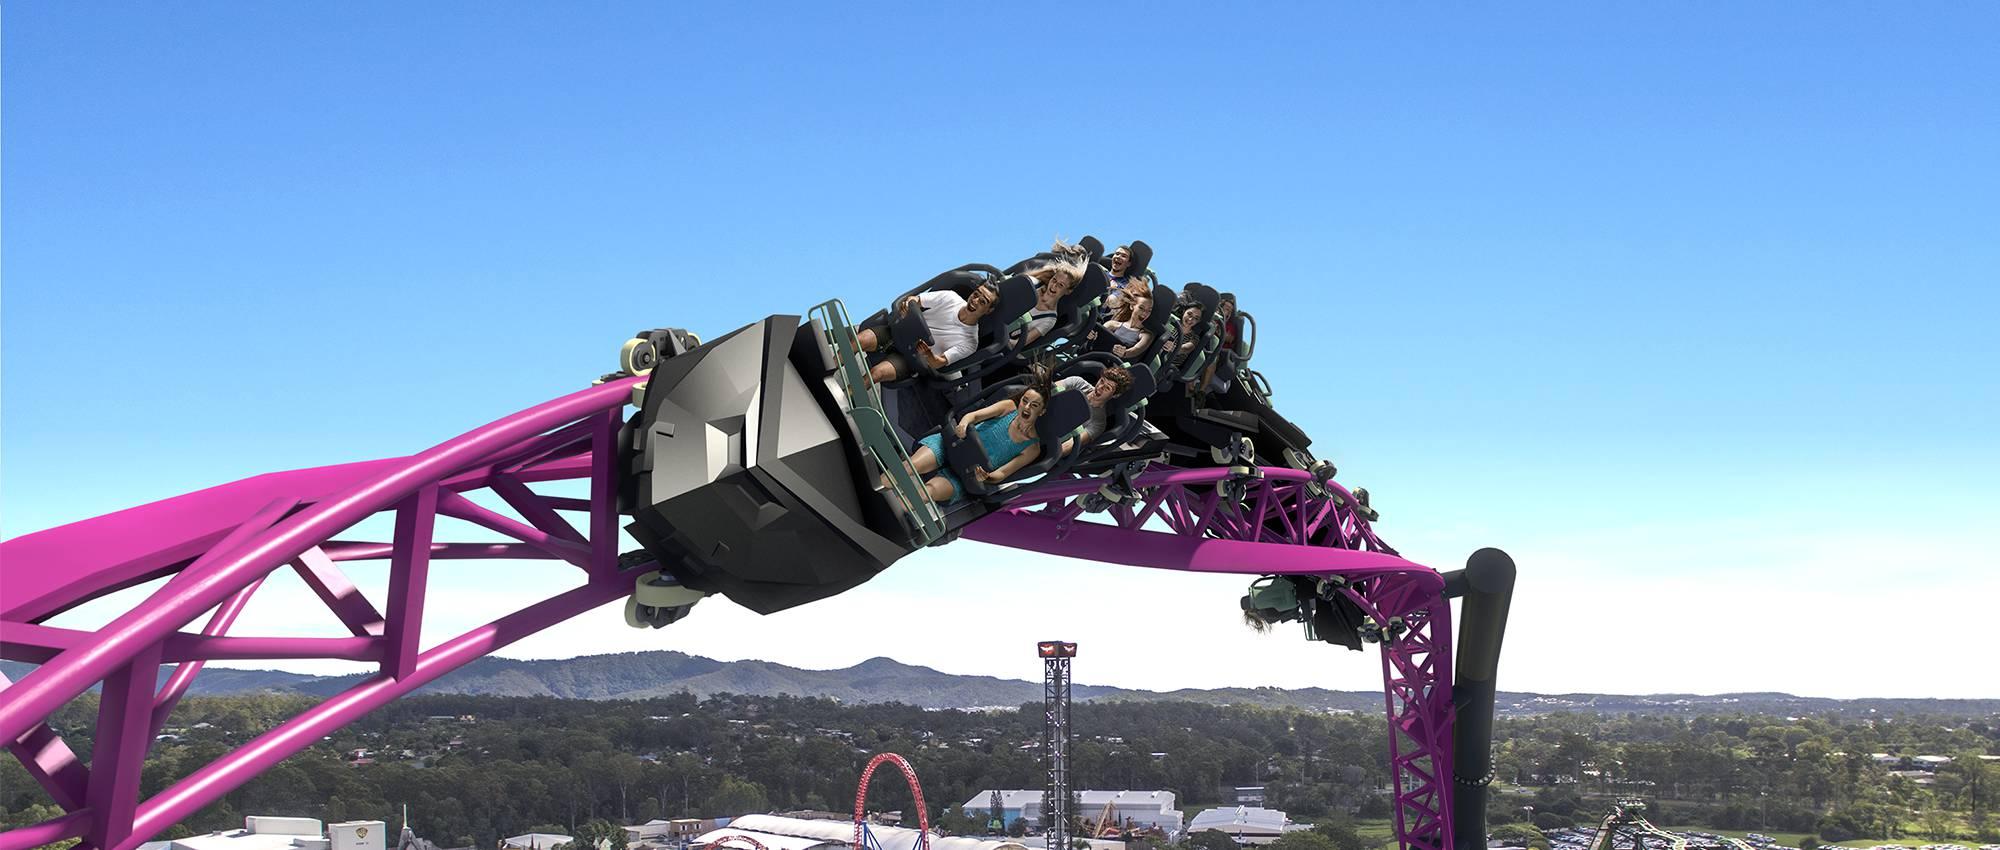 gold coast theme parks1 - Du lịch Gold Coast, 8 điều bạn cần PHẢI BIẾT